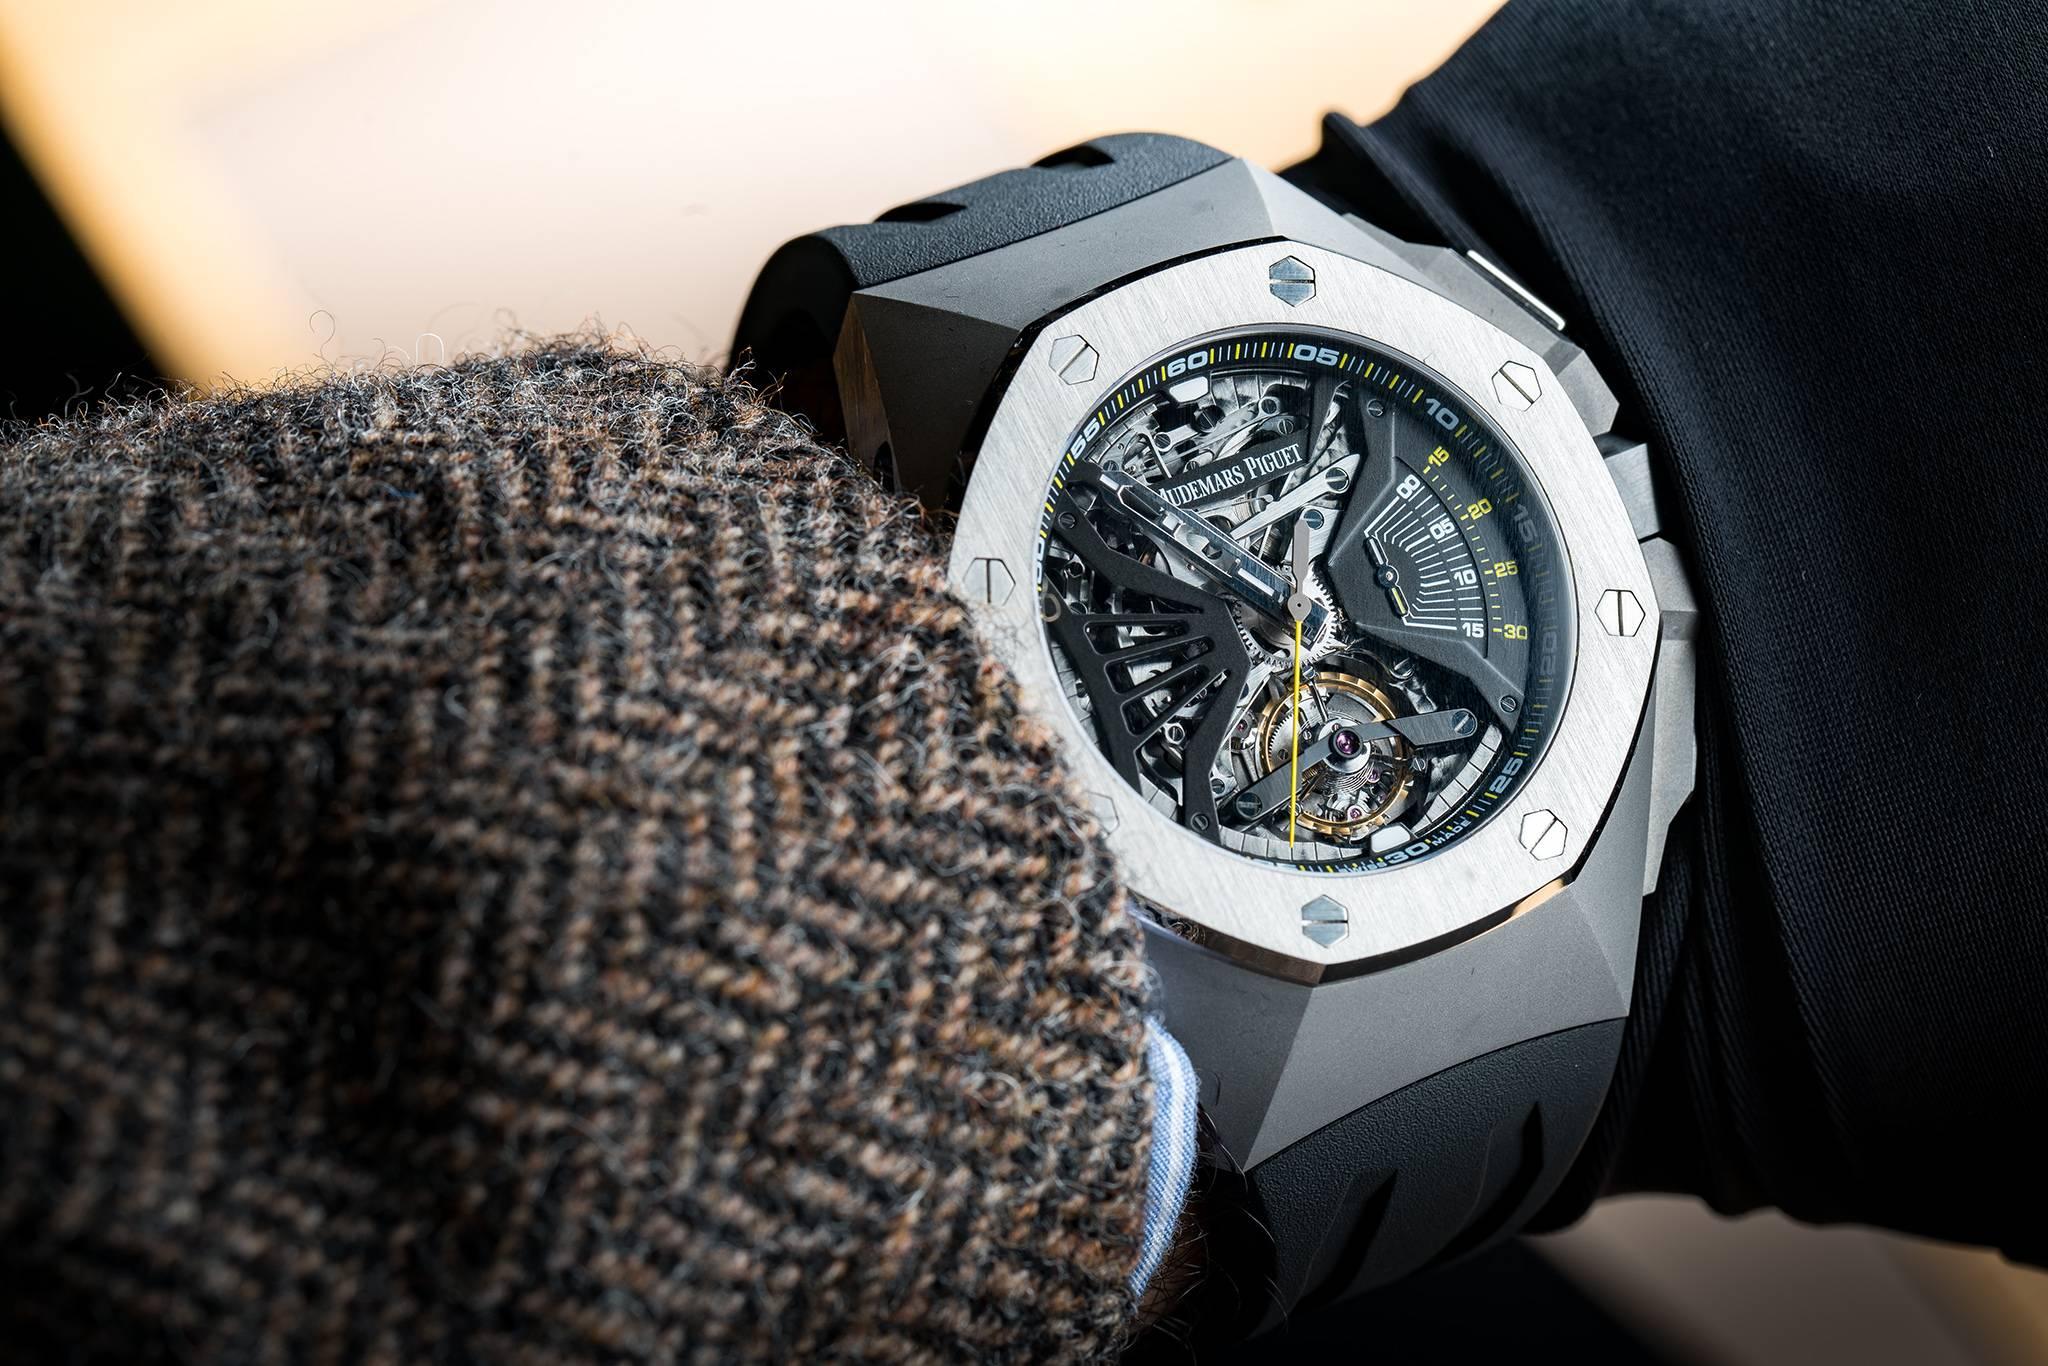 Alguien que tiene interés en Patek Philippe o Vacheron Constantin puede  apreciar un reloj AP al igual que alguien que colecciona MB F. 56f4e0bef47